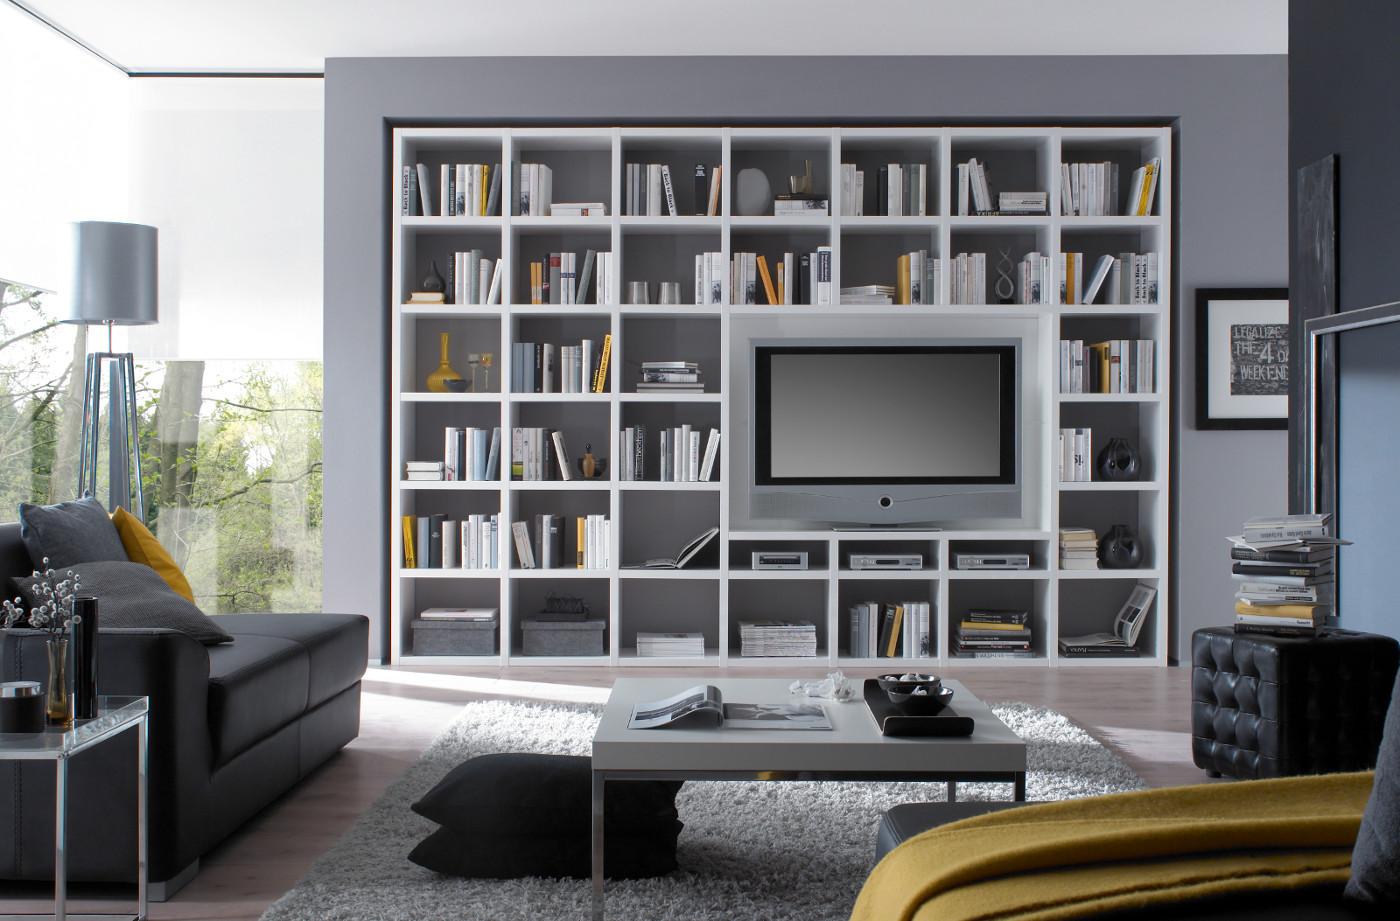 Wohnwand Bücherwand Hochglanz weiß TV Schiebetür ...